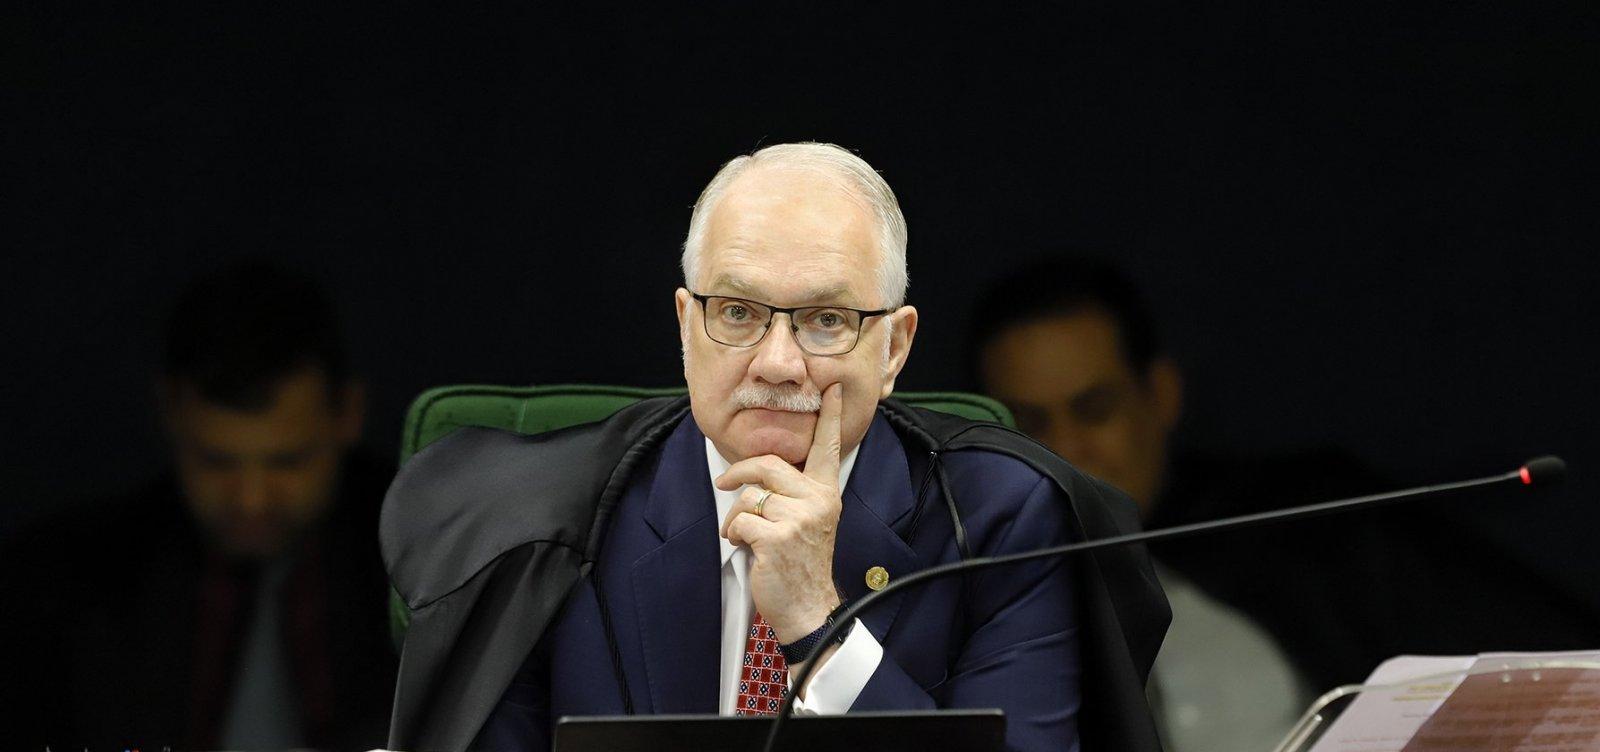 [Pleno do STF decidirá sobre suspensão de inquérito das fake news]